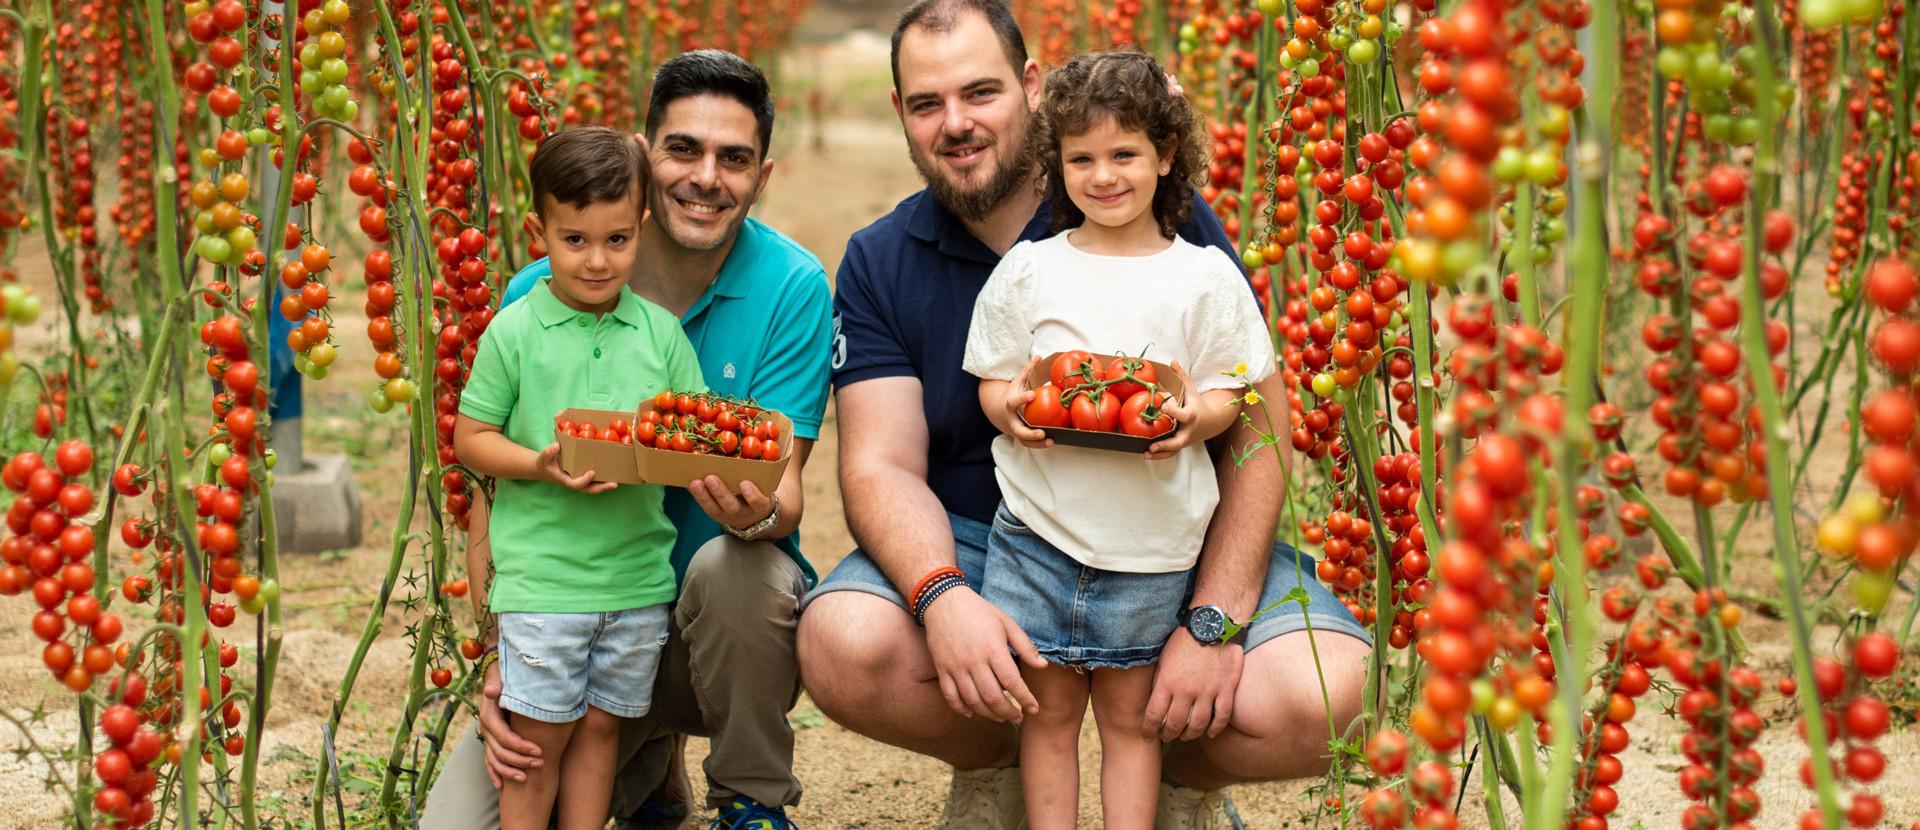 Erzeuger mit mit Kindern vor einer Tomatenplantage in Spanien.